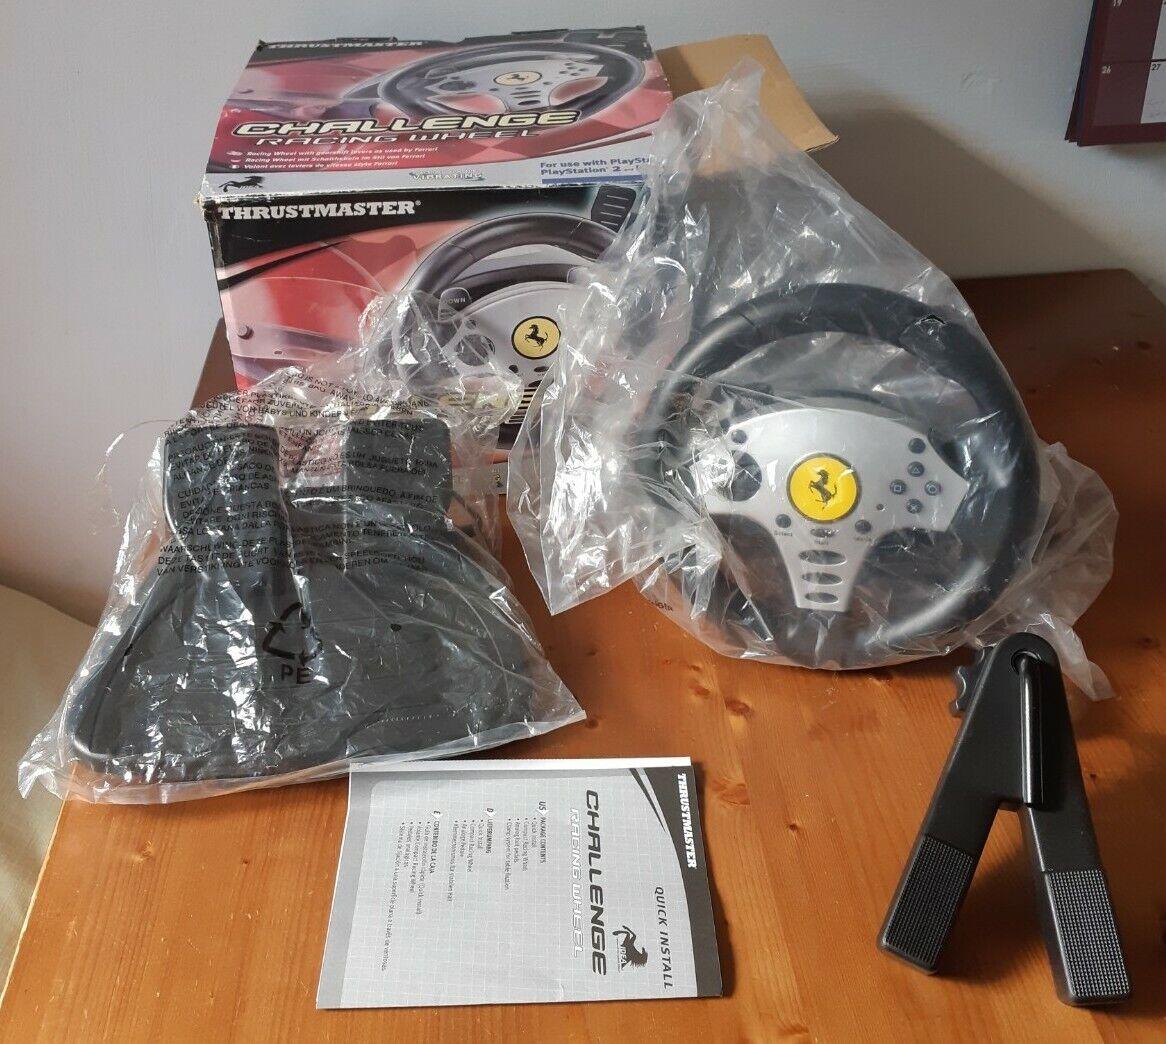 ThrustmasterChallenge Racing Steering Wheel PS1/PS2 damaged